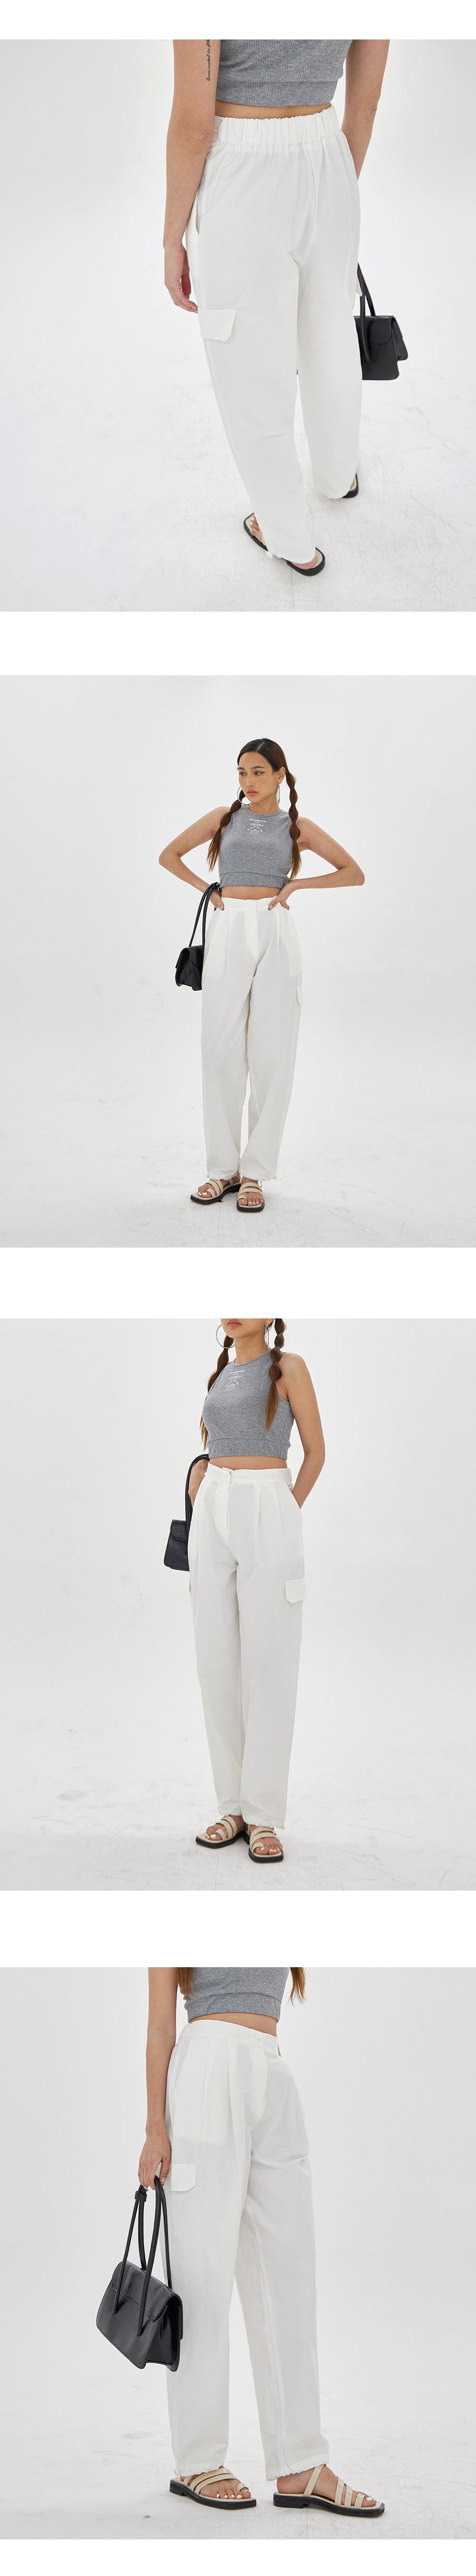 Fake pocket string Pants